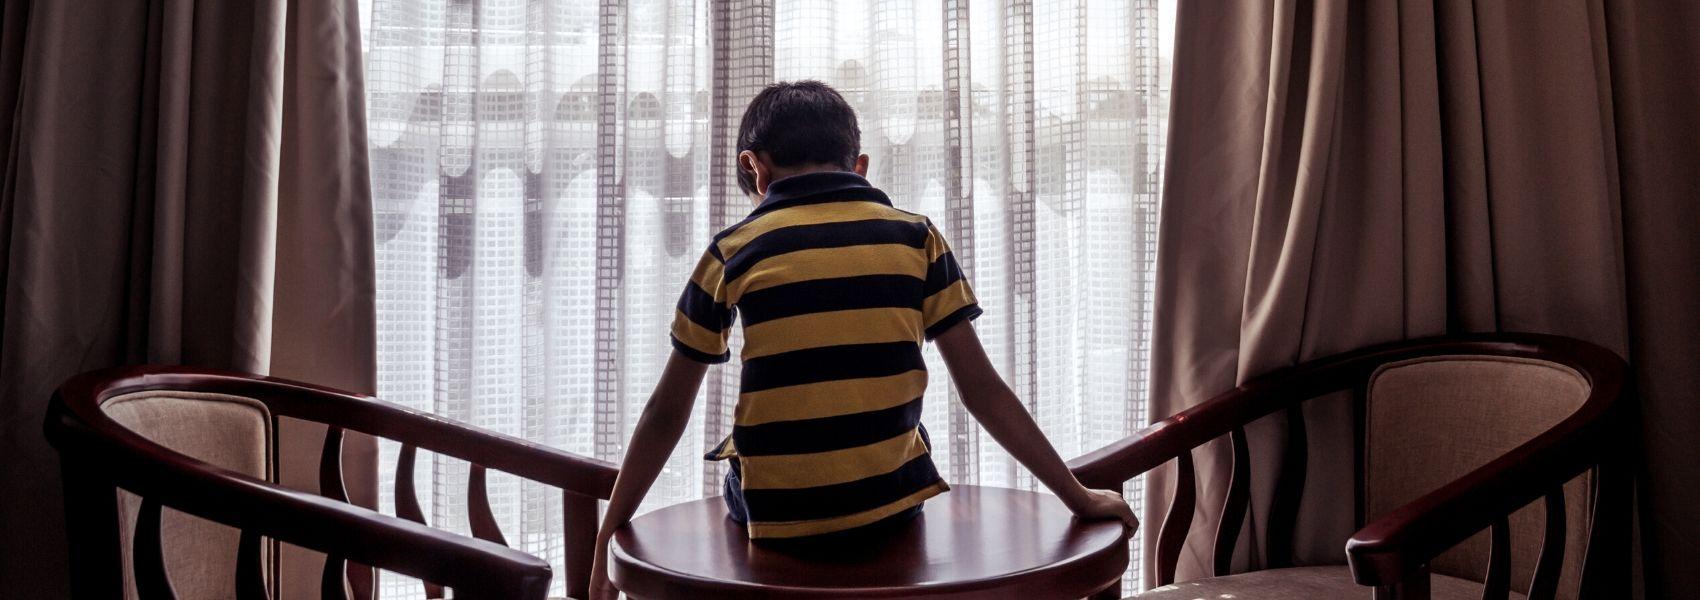 Estudo português revela: meninos apresentam mais sintomas depressivos